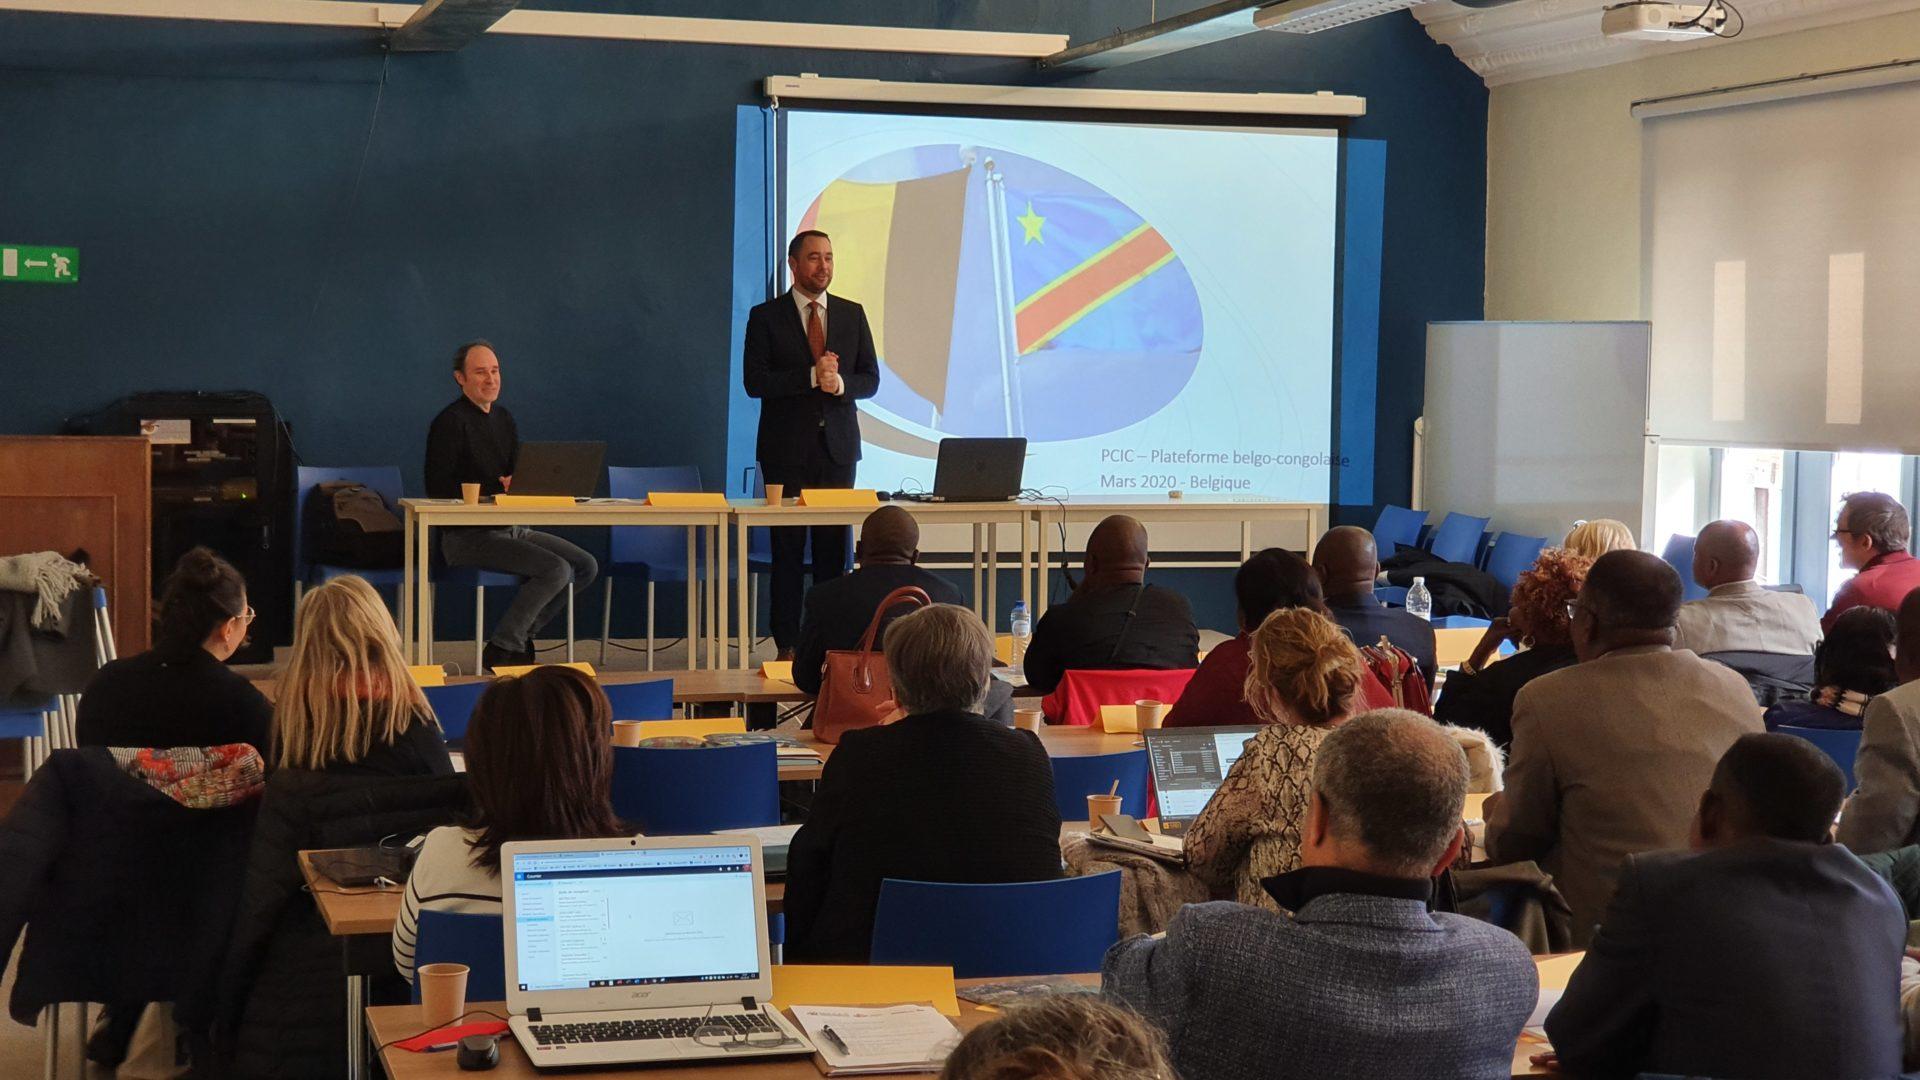 Prise de parole de M. Prévot lors de la plateforme nord de la CIC à Namur